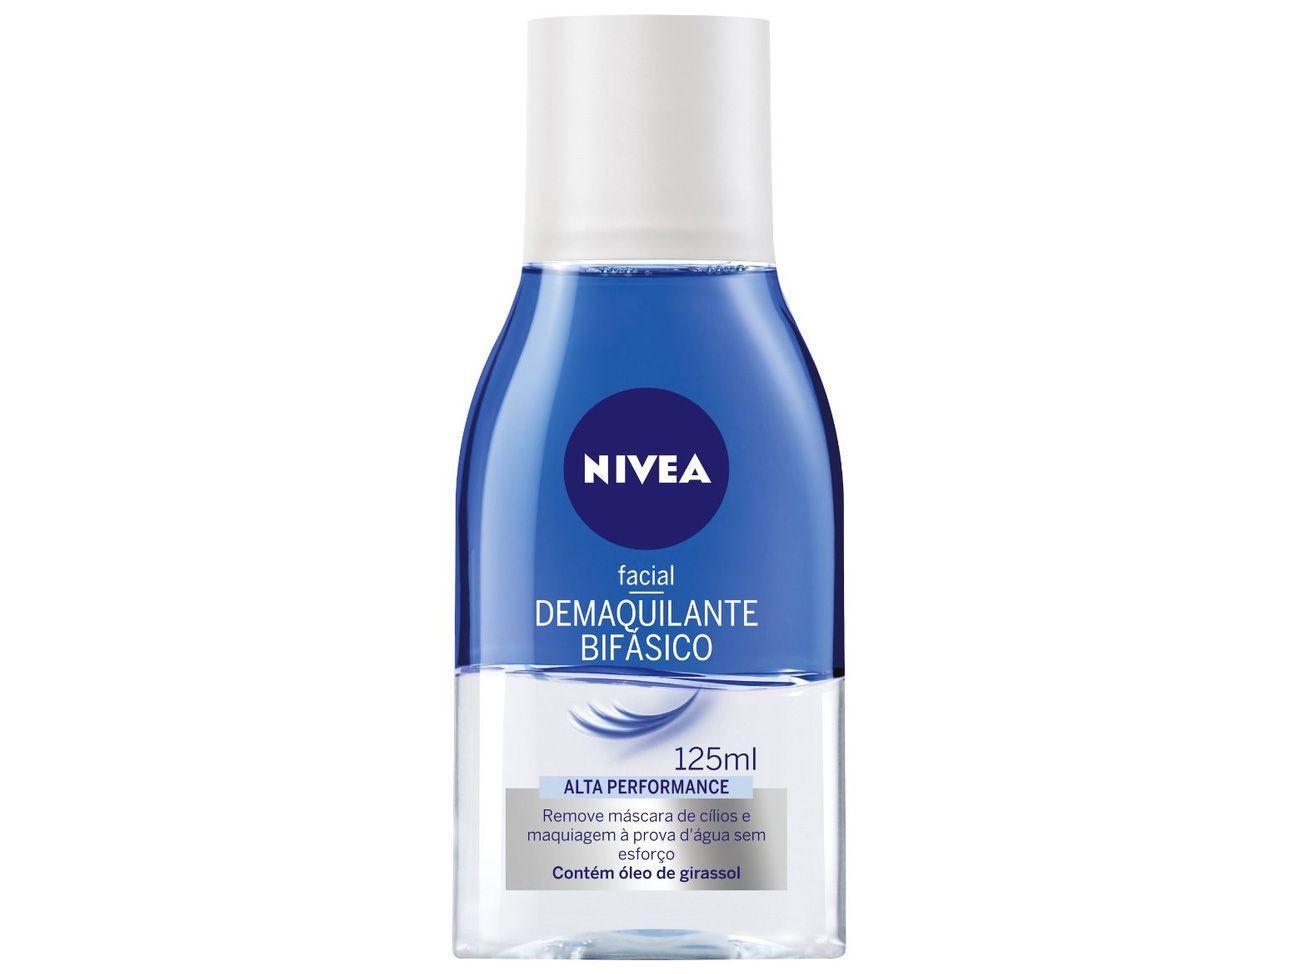 Demaquilante Facial Bifásico Nivea Alta Performace - 125ml